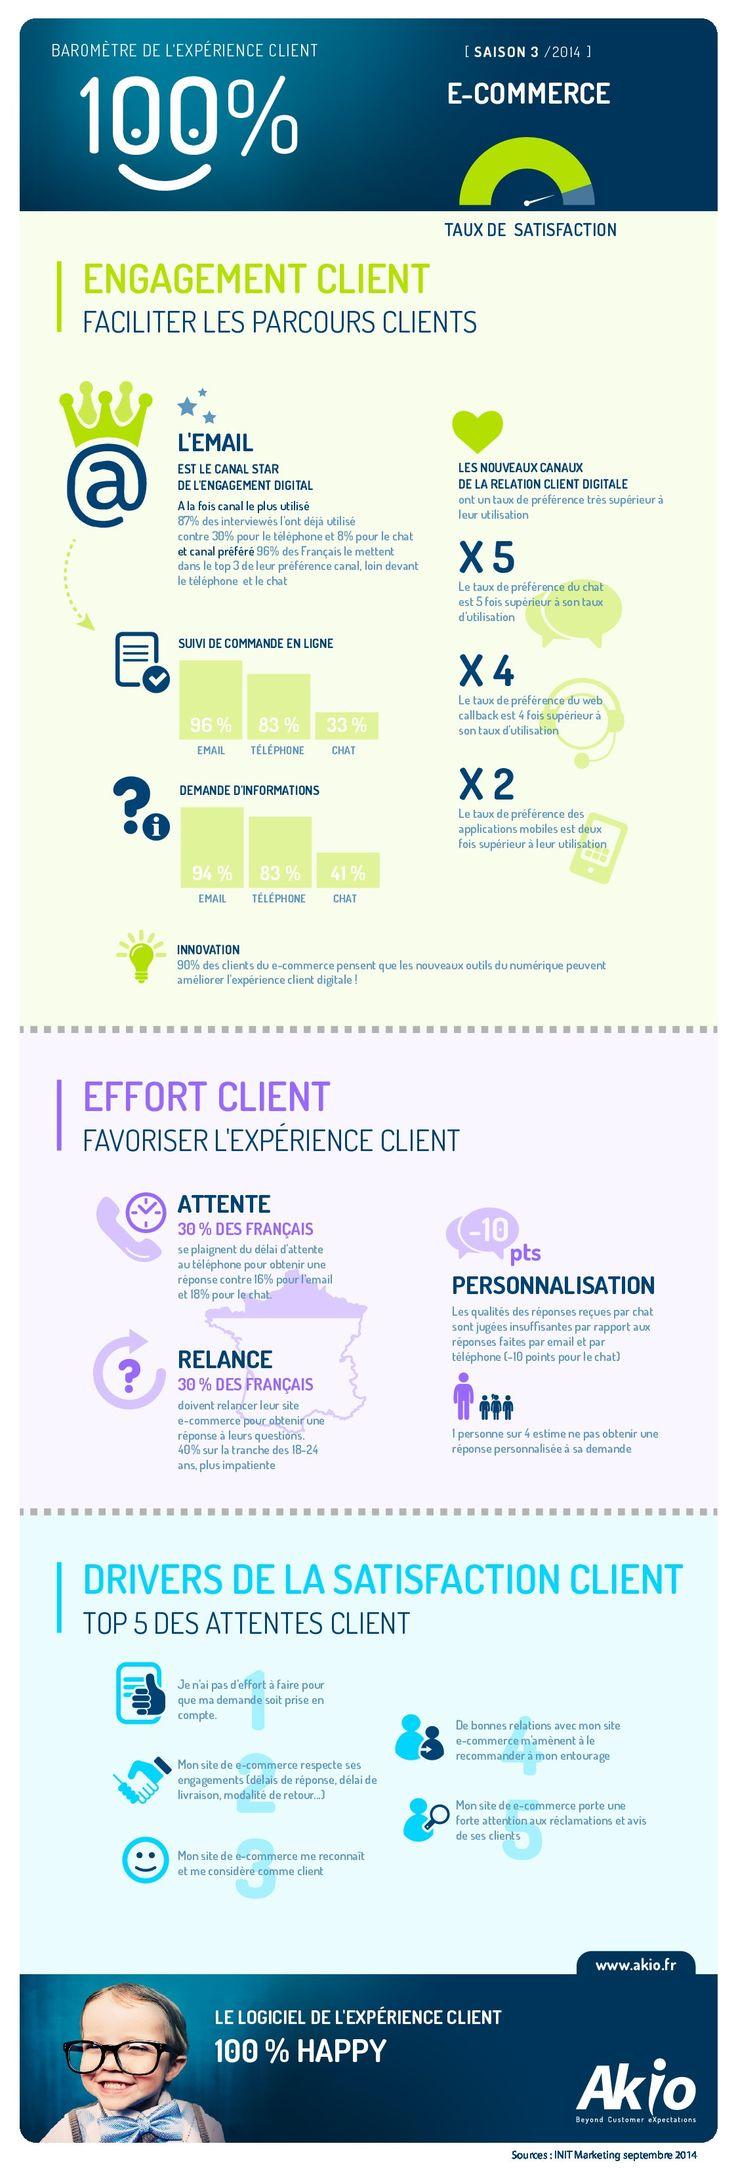 Infographie : l'expérience client dans le secteur du e-commerce